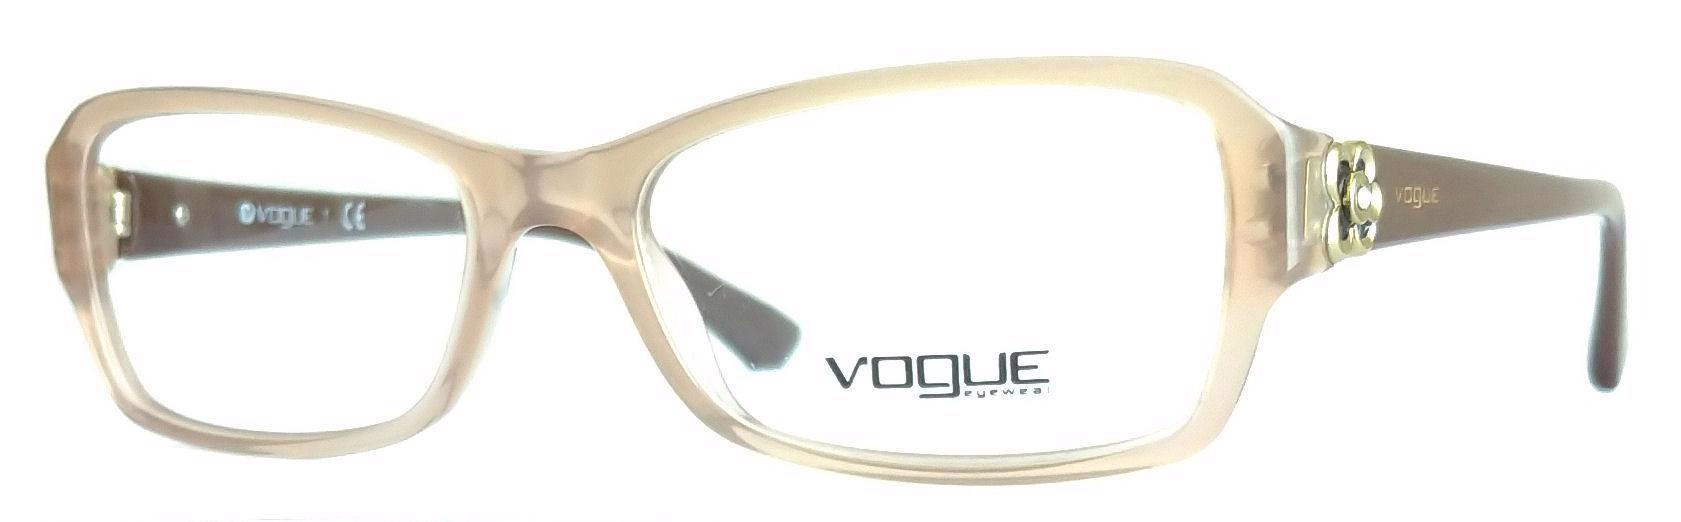 VOGUE VO 2836-B dámské brýlové obruby 51-16-135 MOC:3200 Kč - foto 1